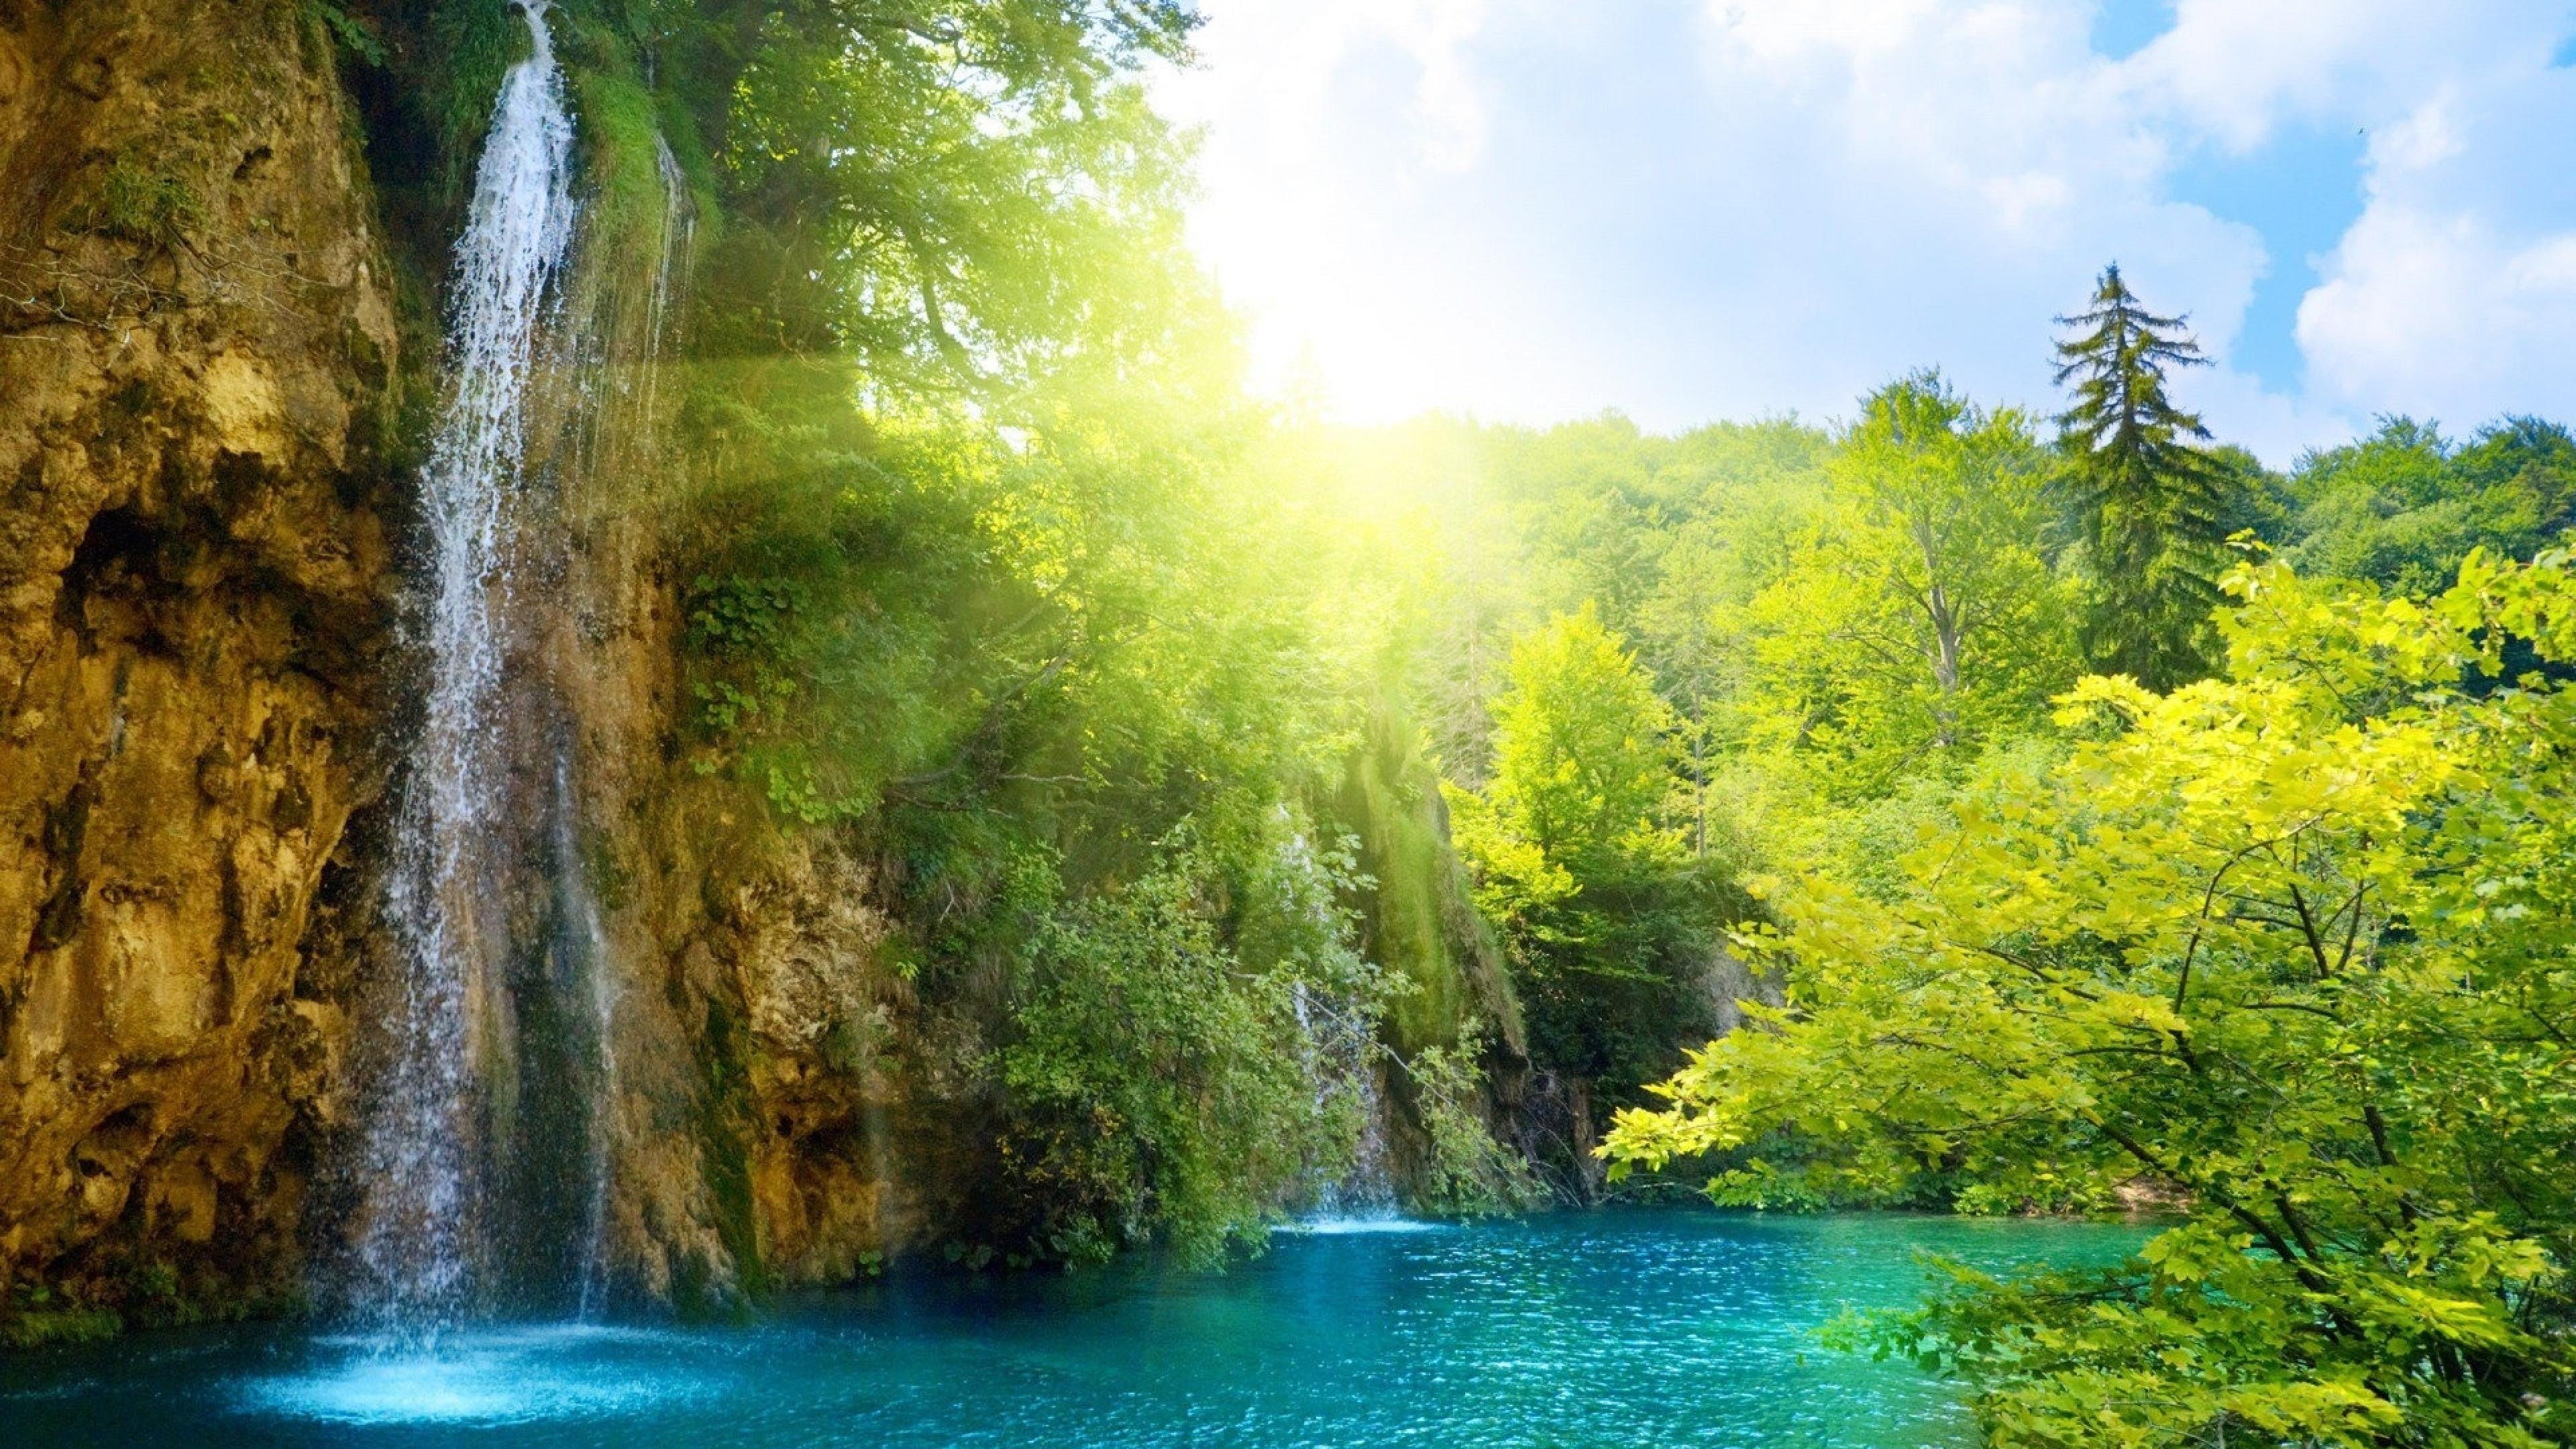 природа водопад  № 394122 загрузить